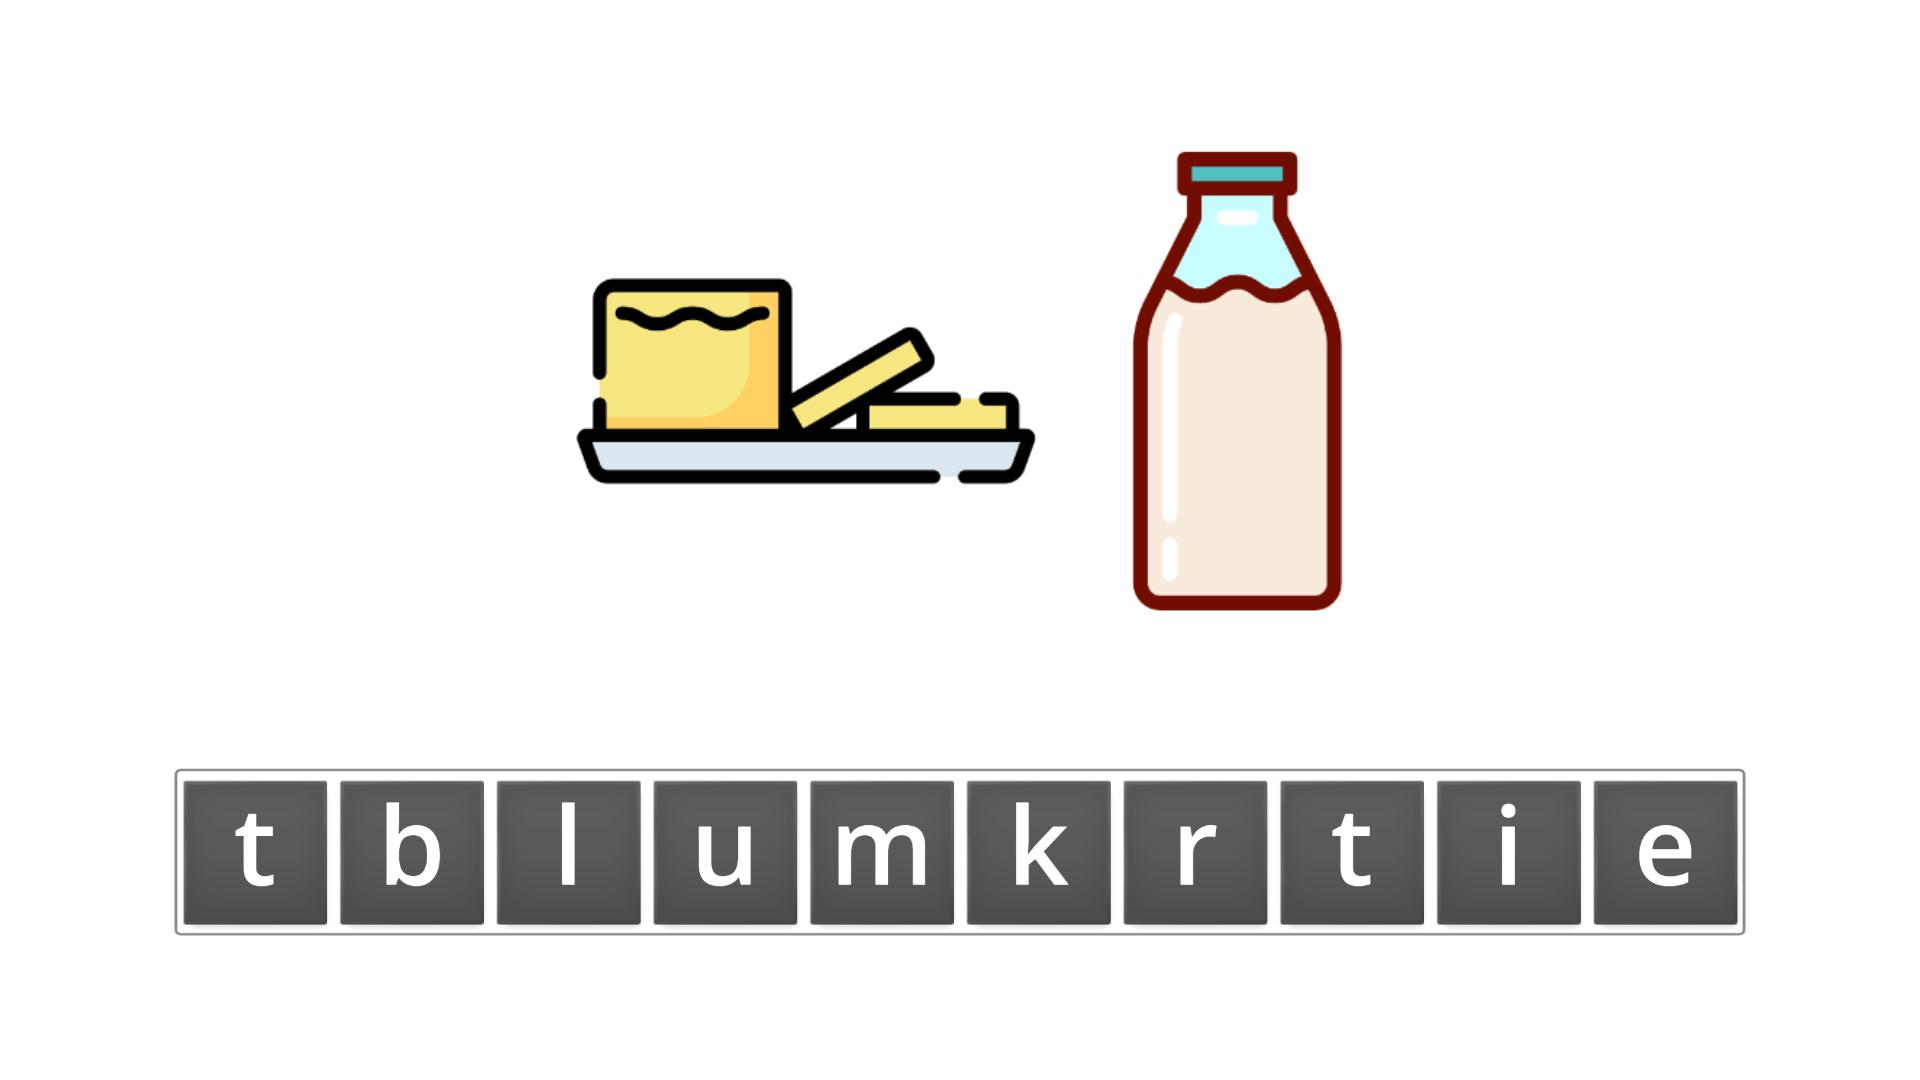 esl resources - flashcards - compound nouns  - unscramble - buttermilk